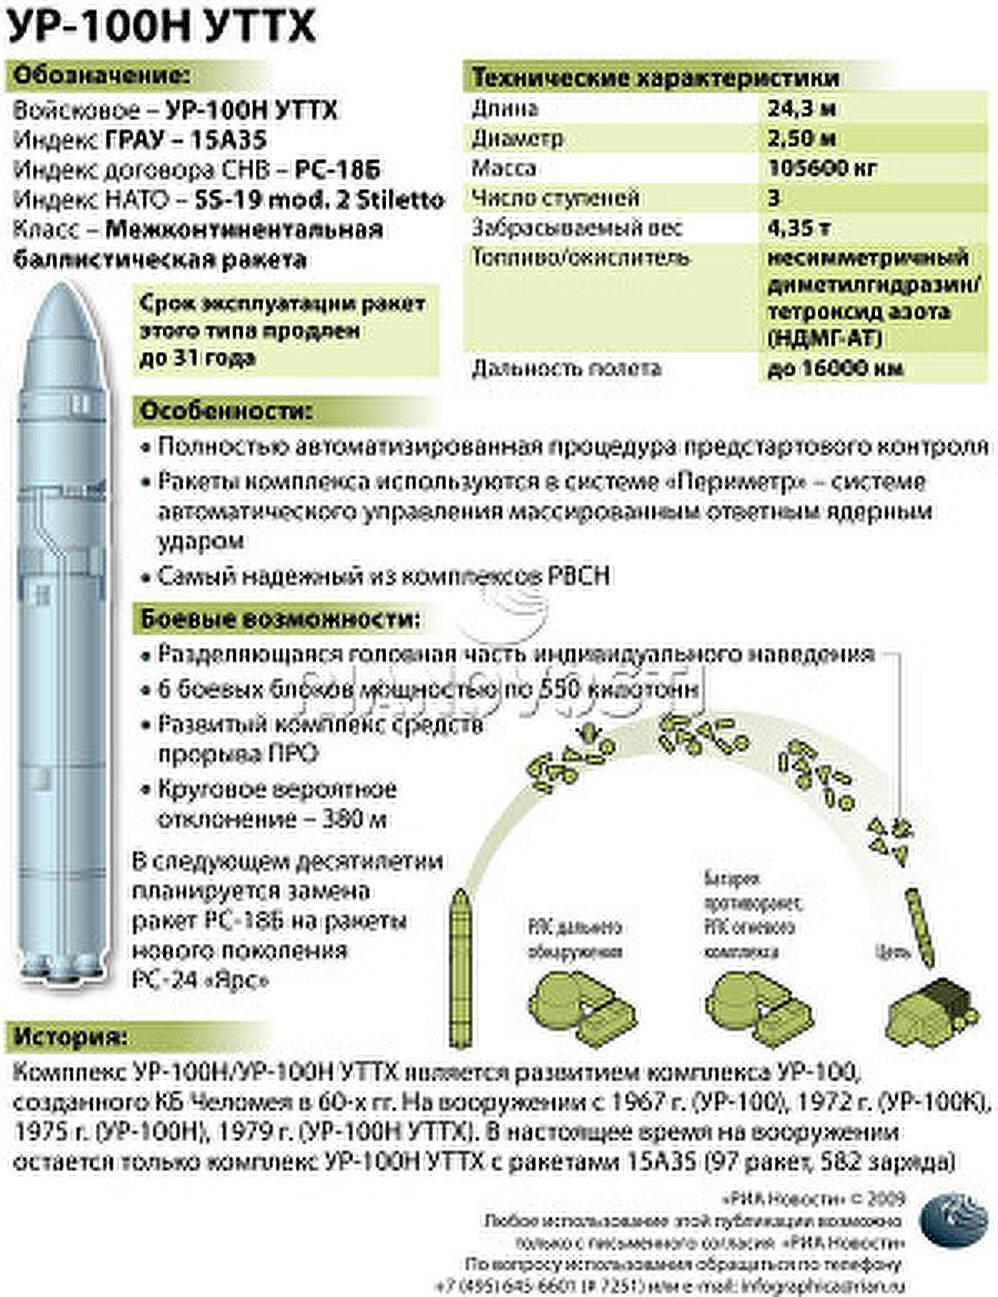 Стратегический ракетный комплекс «тополь-м. тополь-м – держит ядерный паритет радиус поражения тополь м с ядерной